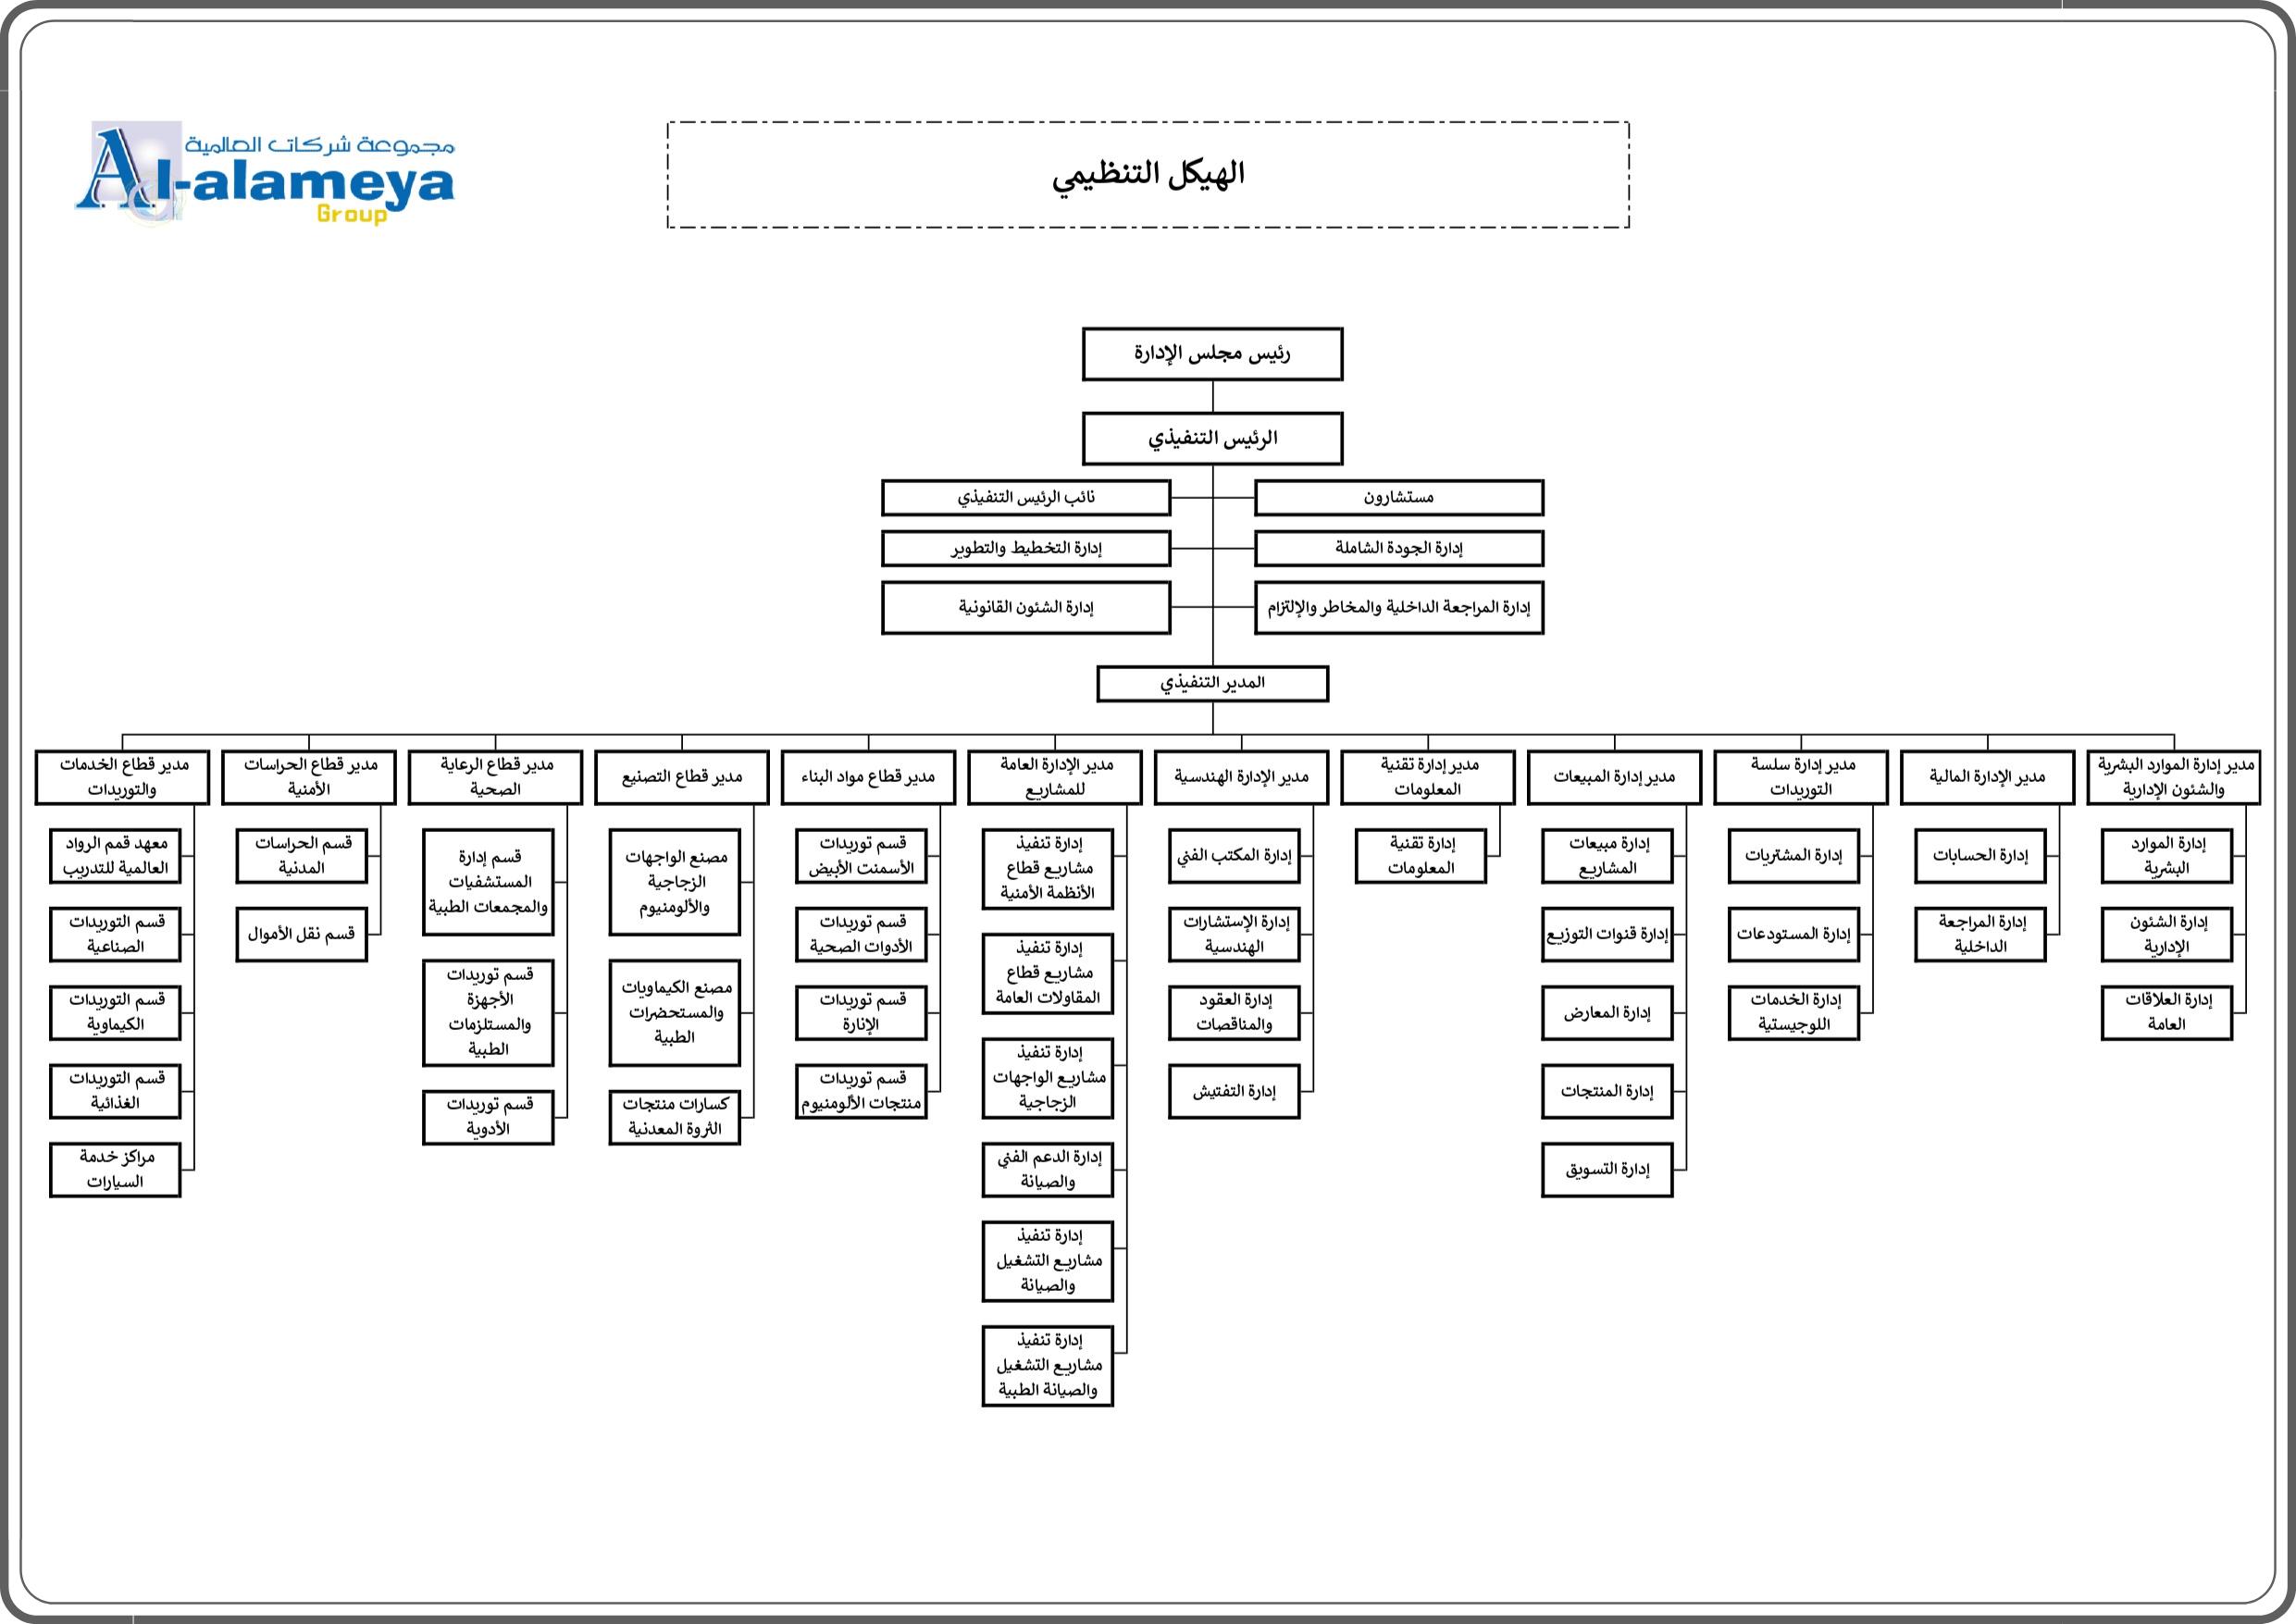 الهيكل التنظيمي للشركة العالمية